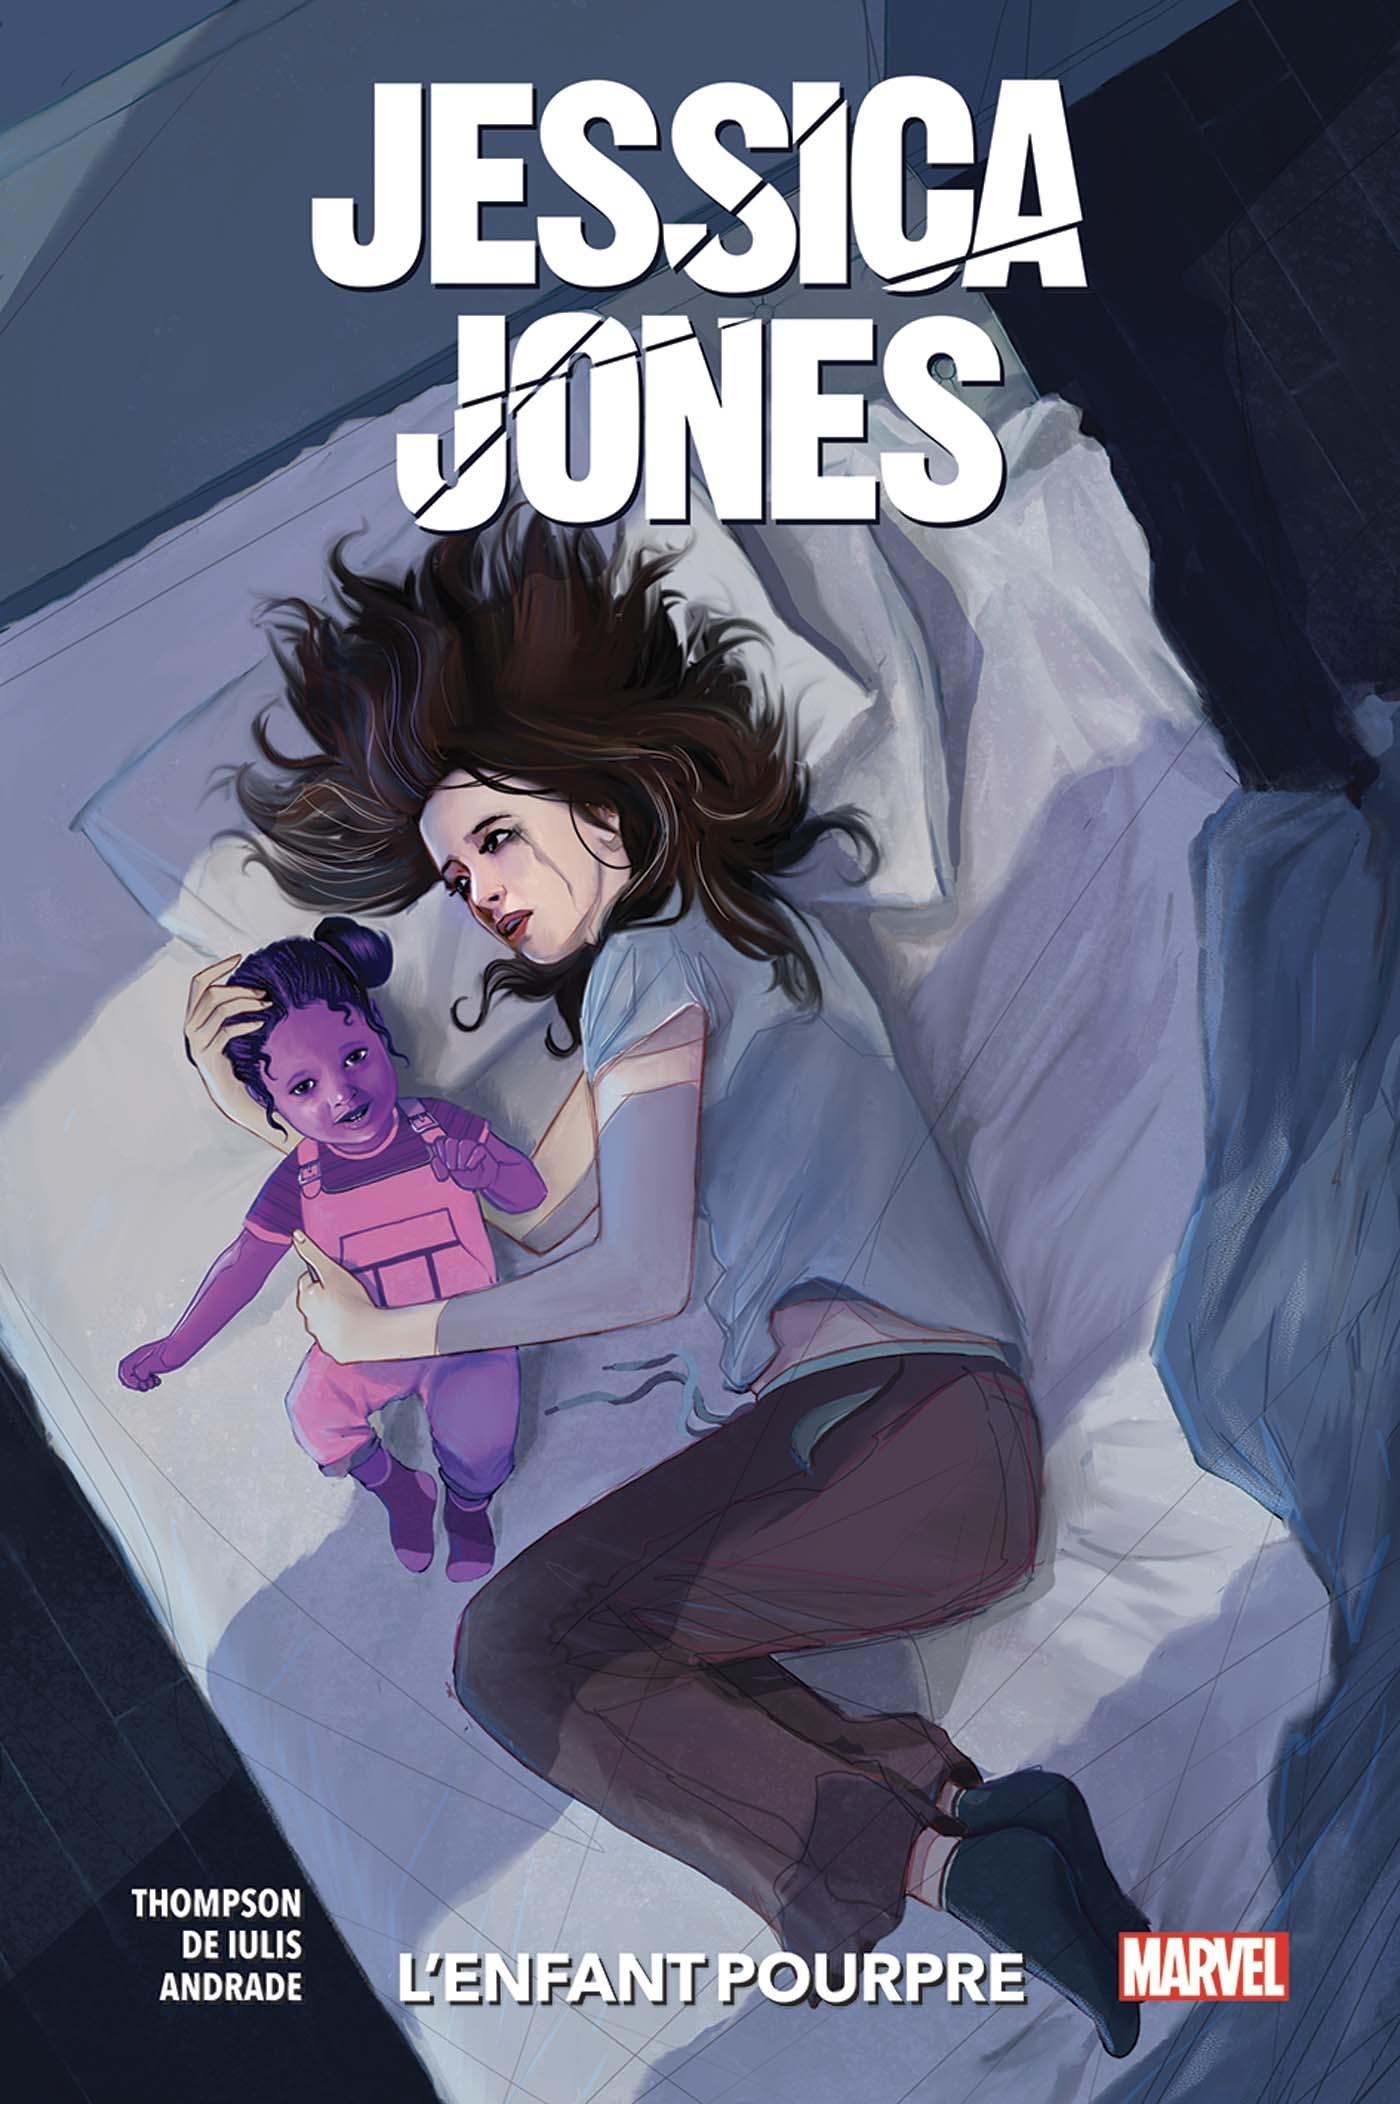 JESSICA JONES: L'ENFANT POURPRE